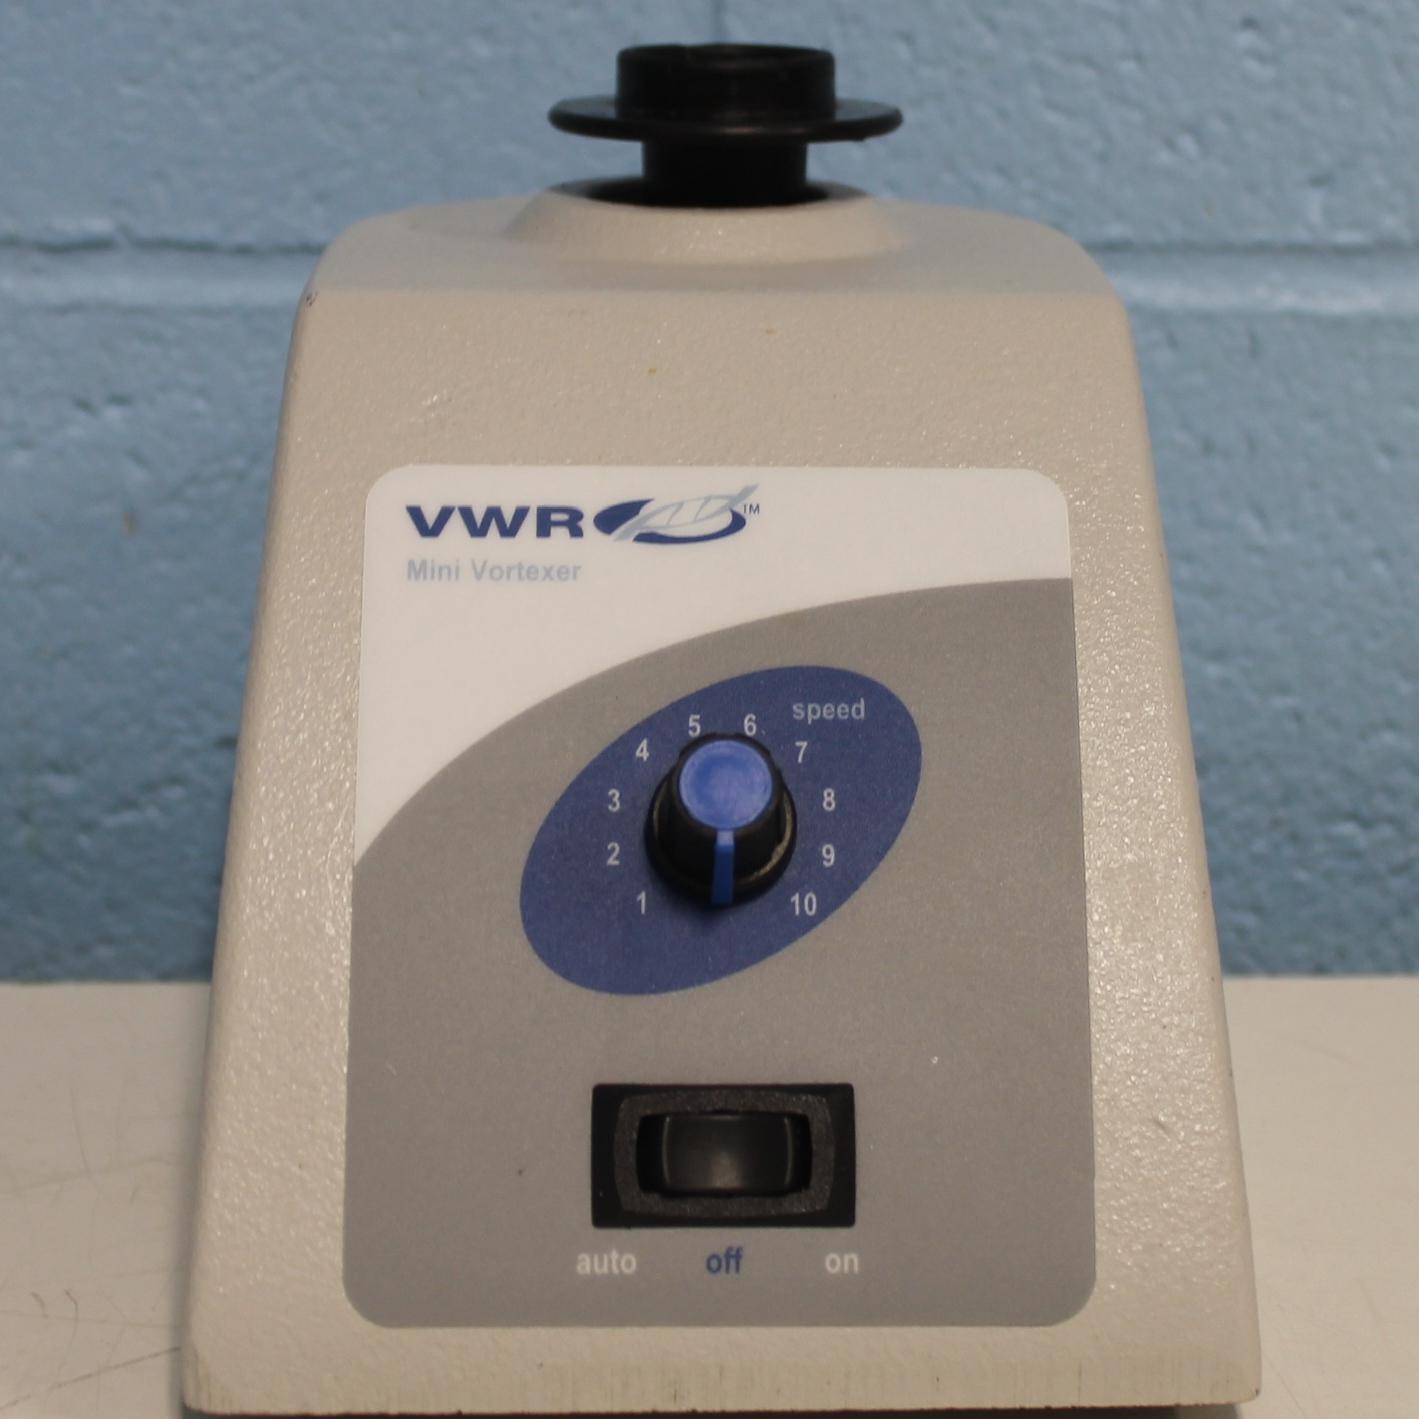 Mini Vortexer VM-3000